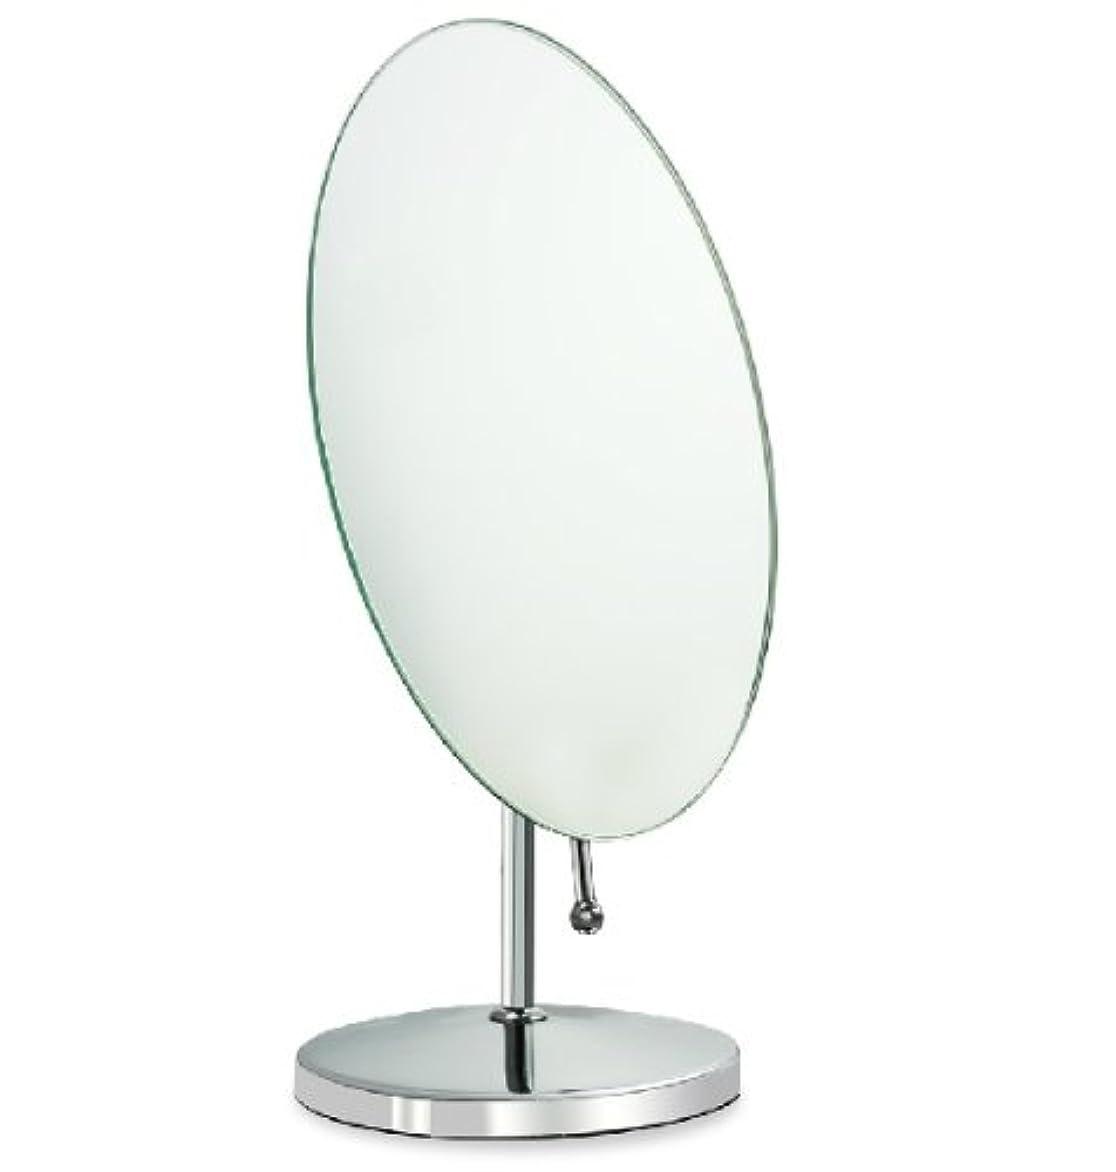 リール素朴な故障中鏡 卓上鏡 化粧鏡 スタンドミラー 全方向可動式 取っ手付き鏡 大きめな楕円形